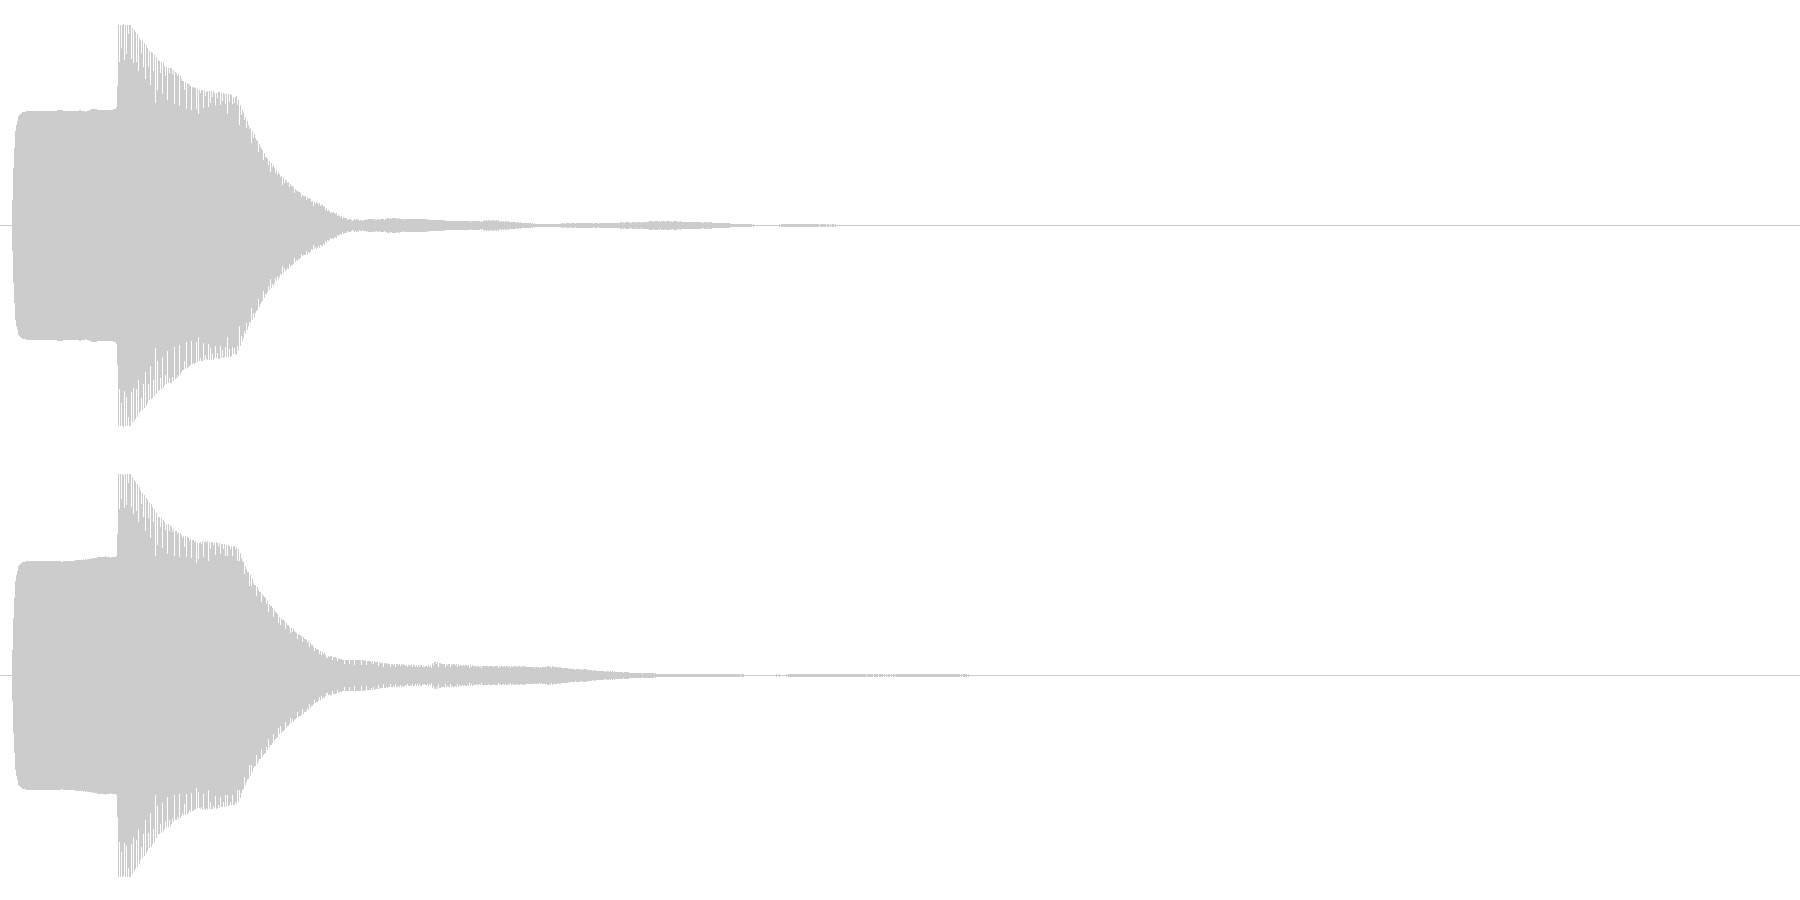 ピコン(起動,通知,タップ,決定)_06の未再生の波形